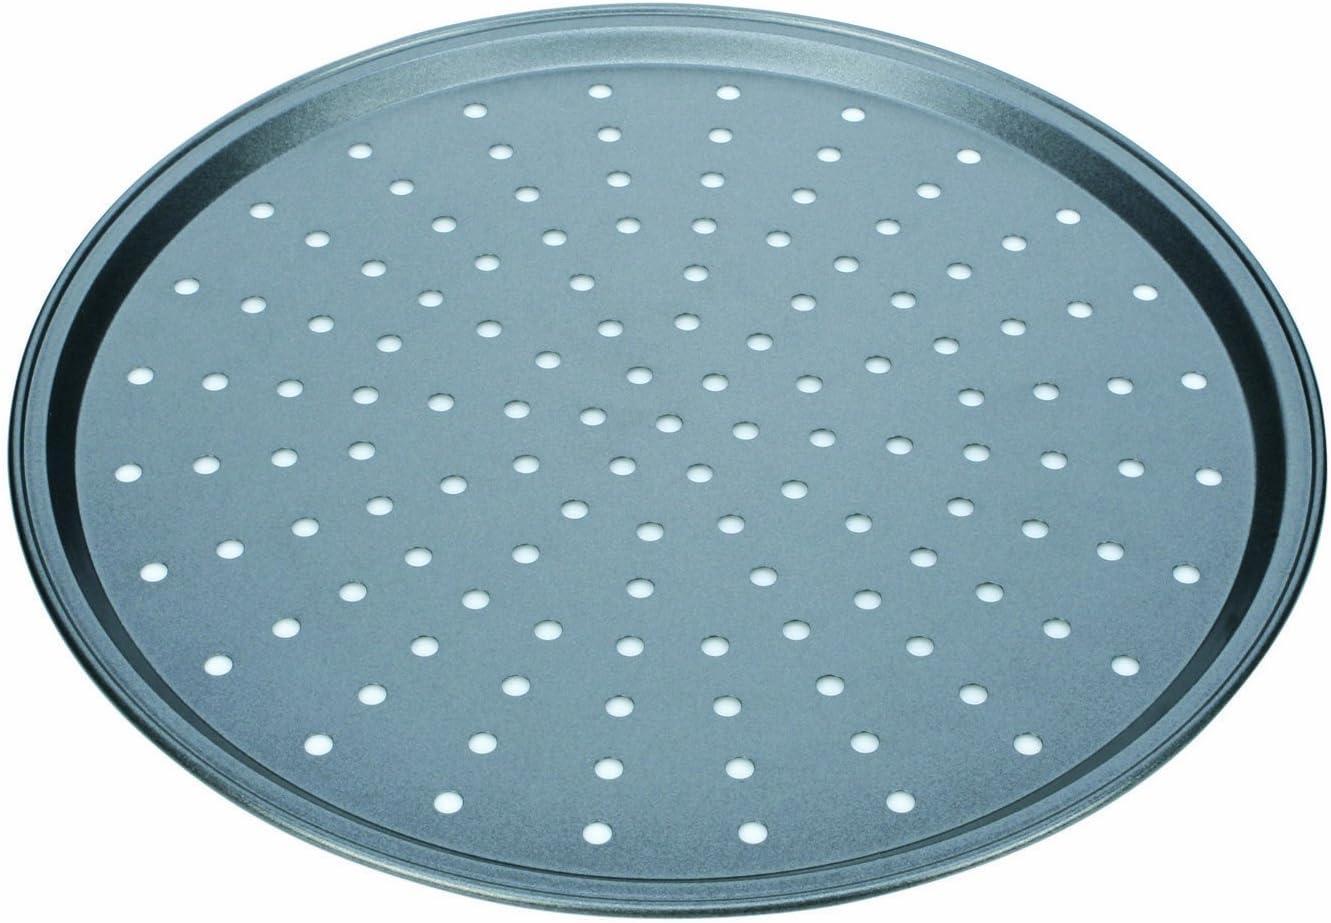 Tescoma Molde para Pizza Perforado, 32 cm, Negro: Amazon.es: Hogar